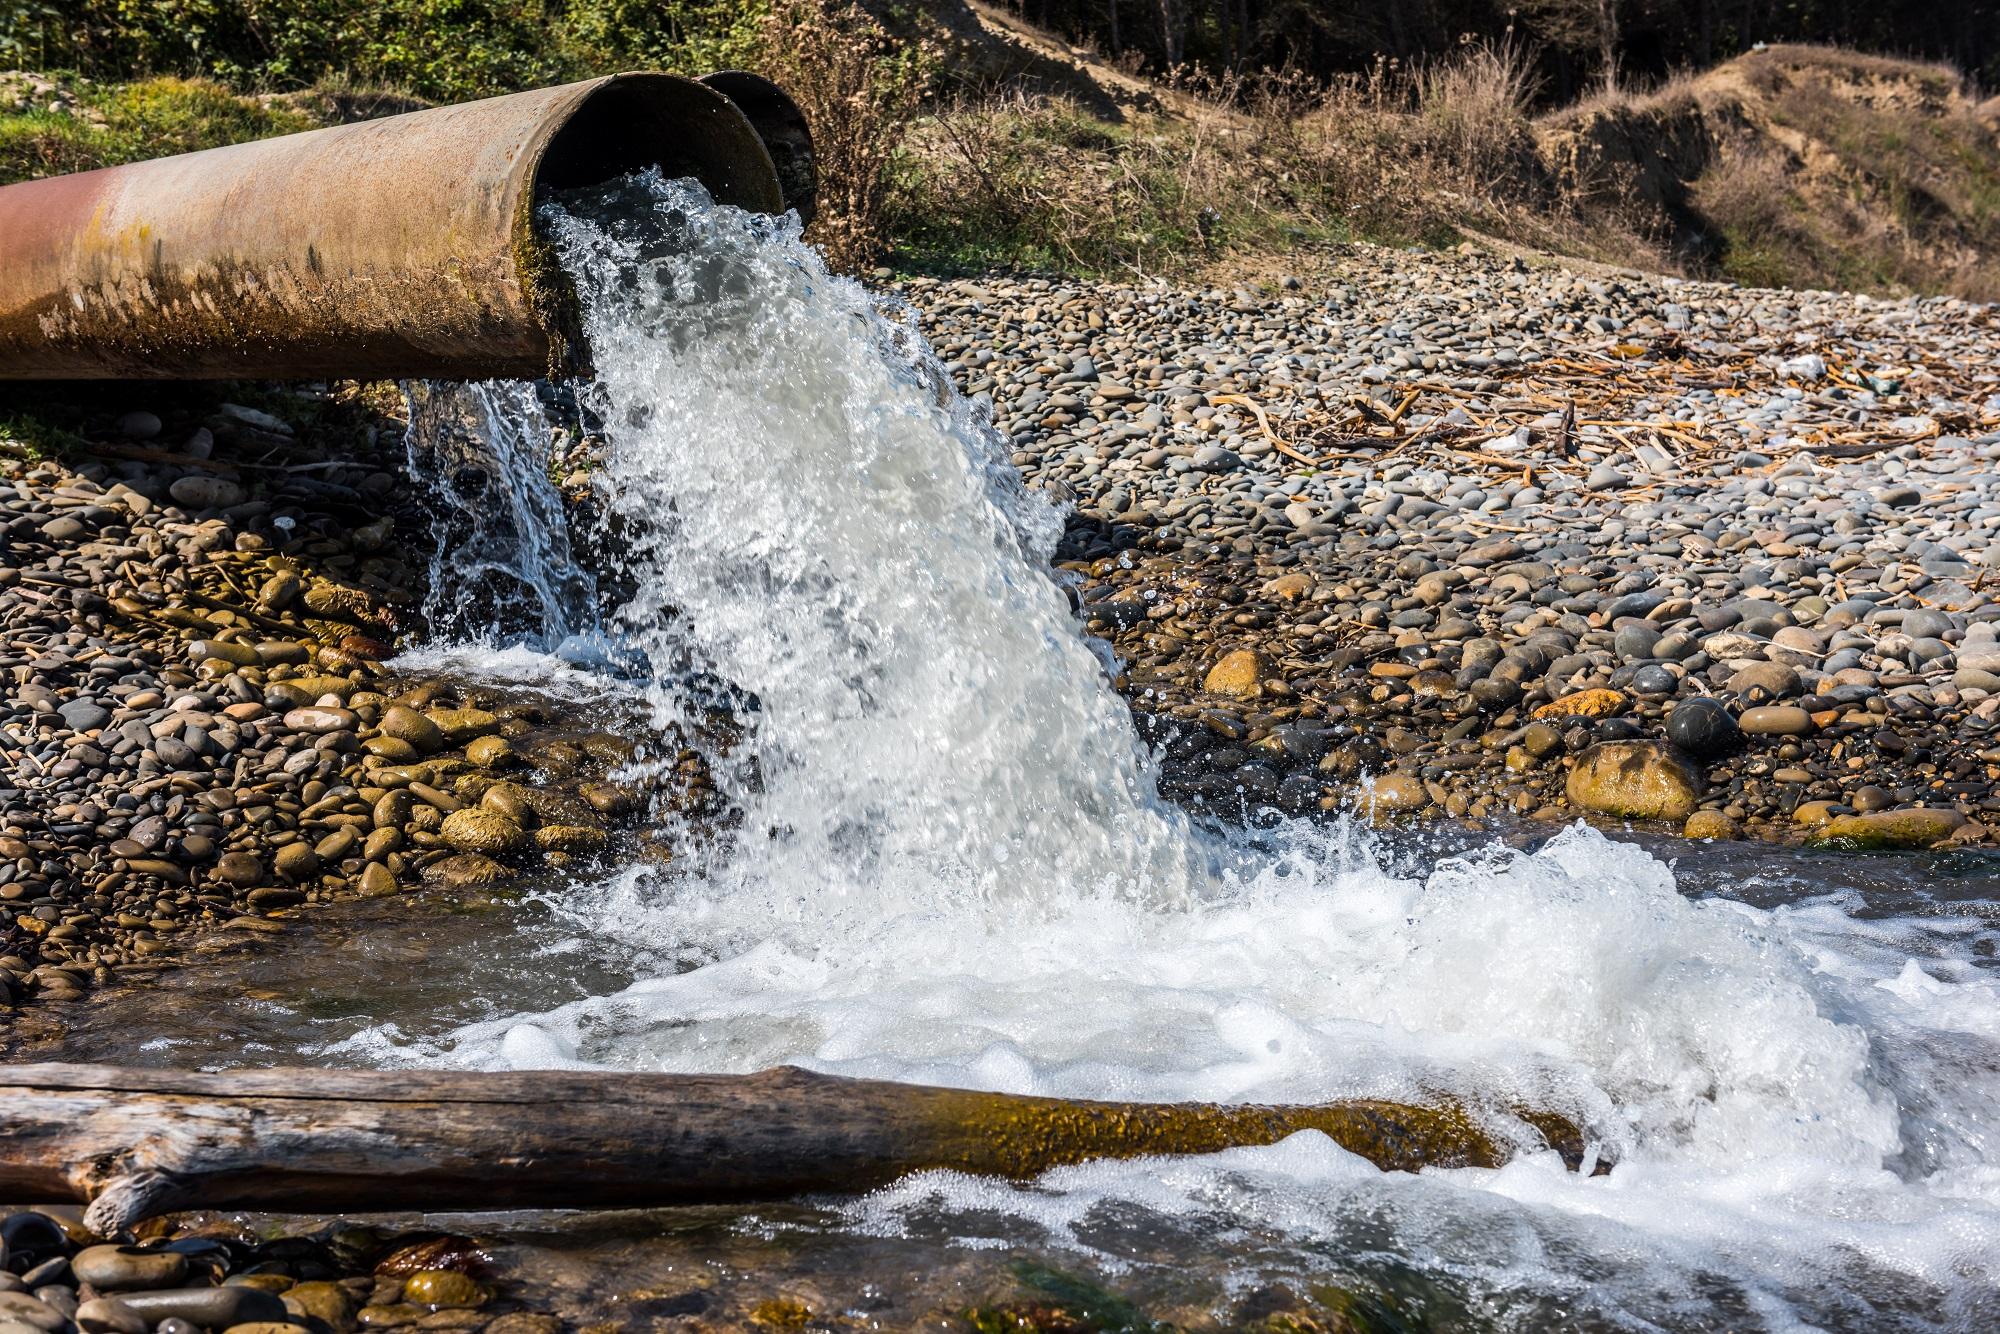 Кимрское ООО «ВКХ» сбрасывает недостаточно очищенные стоки в Угличское водохранилище - новости Афанасий